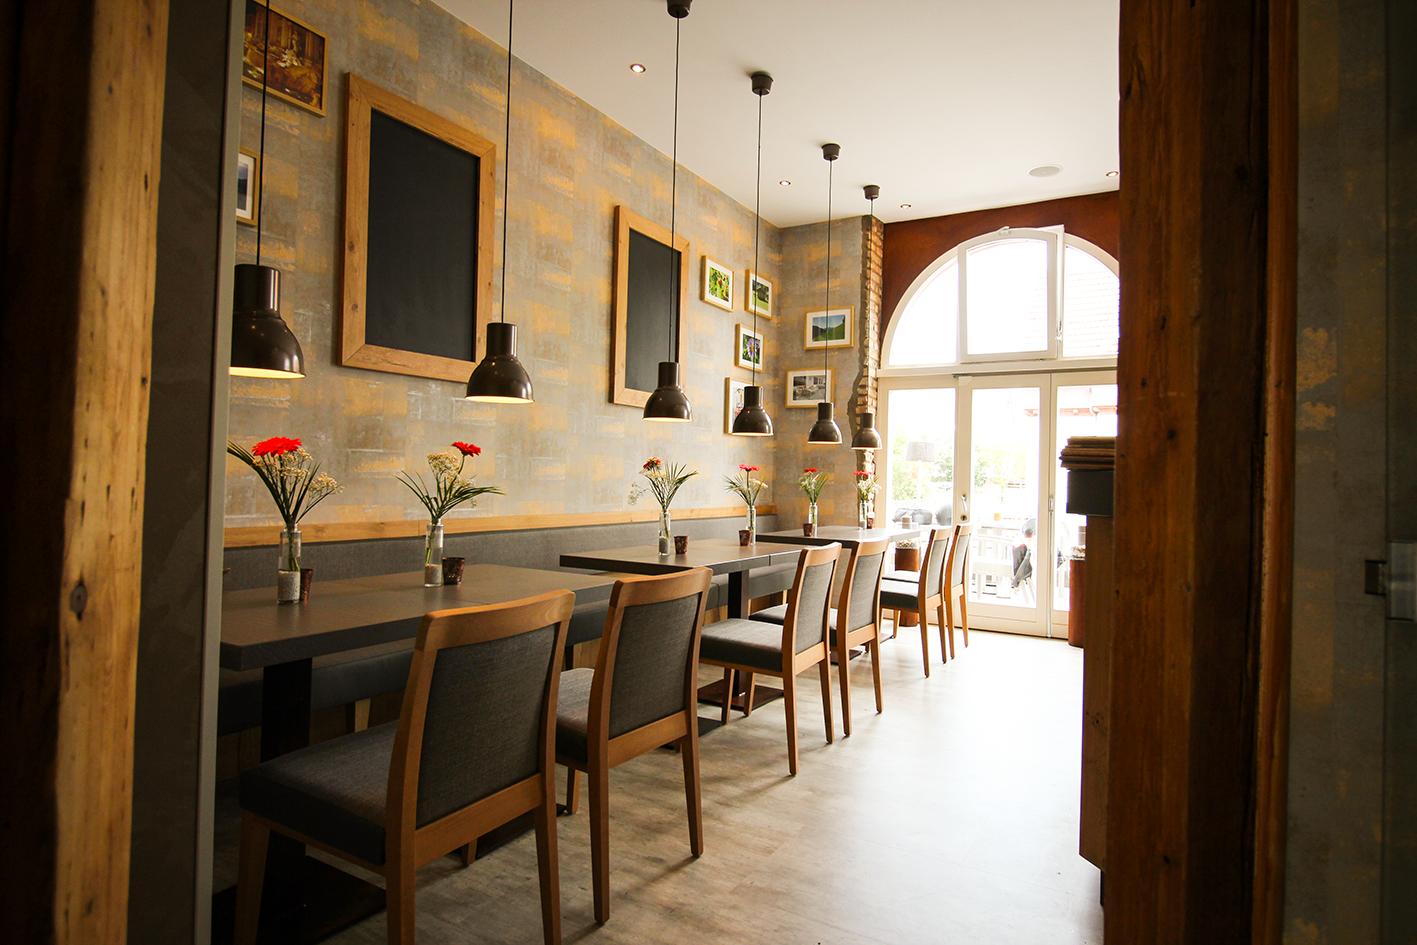 Larcino Restaurant 5